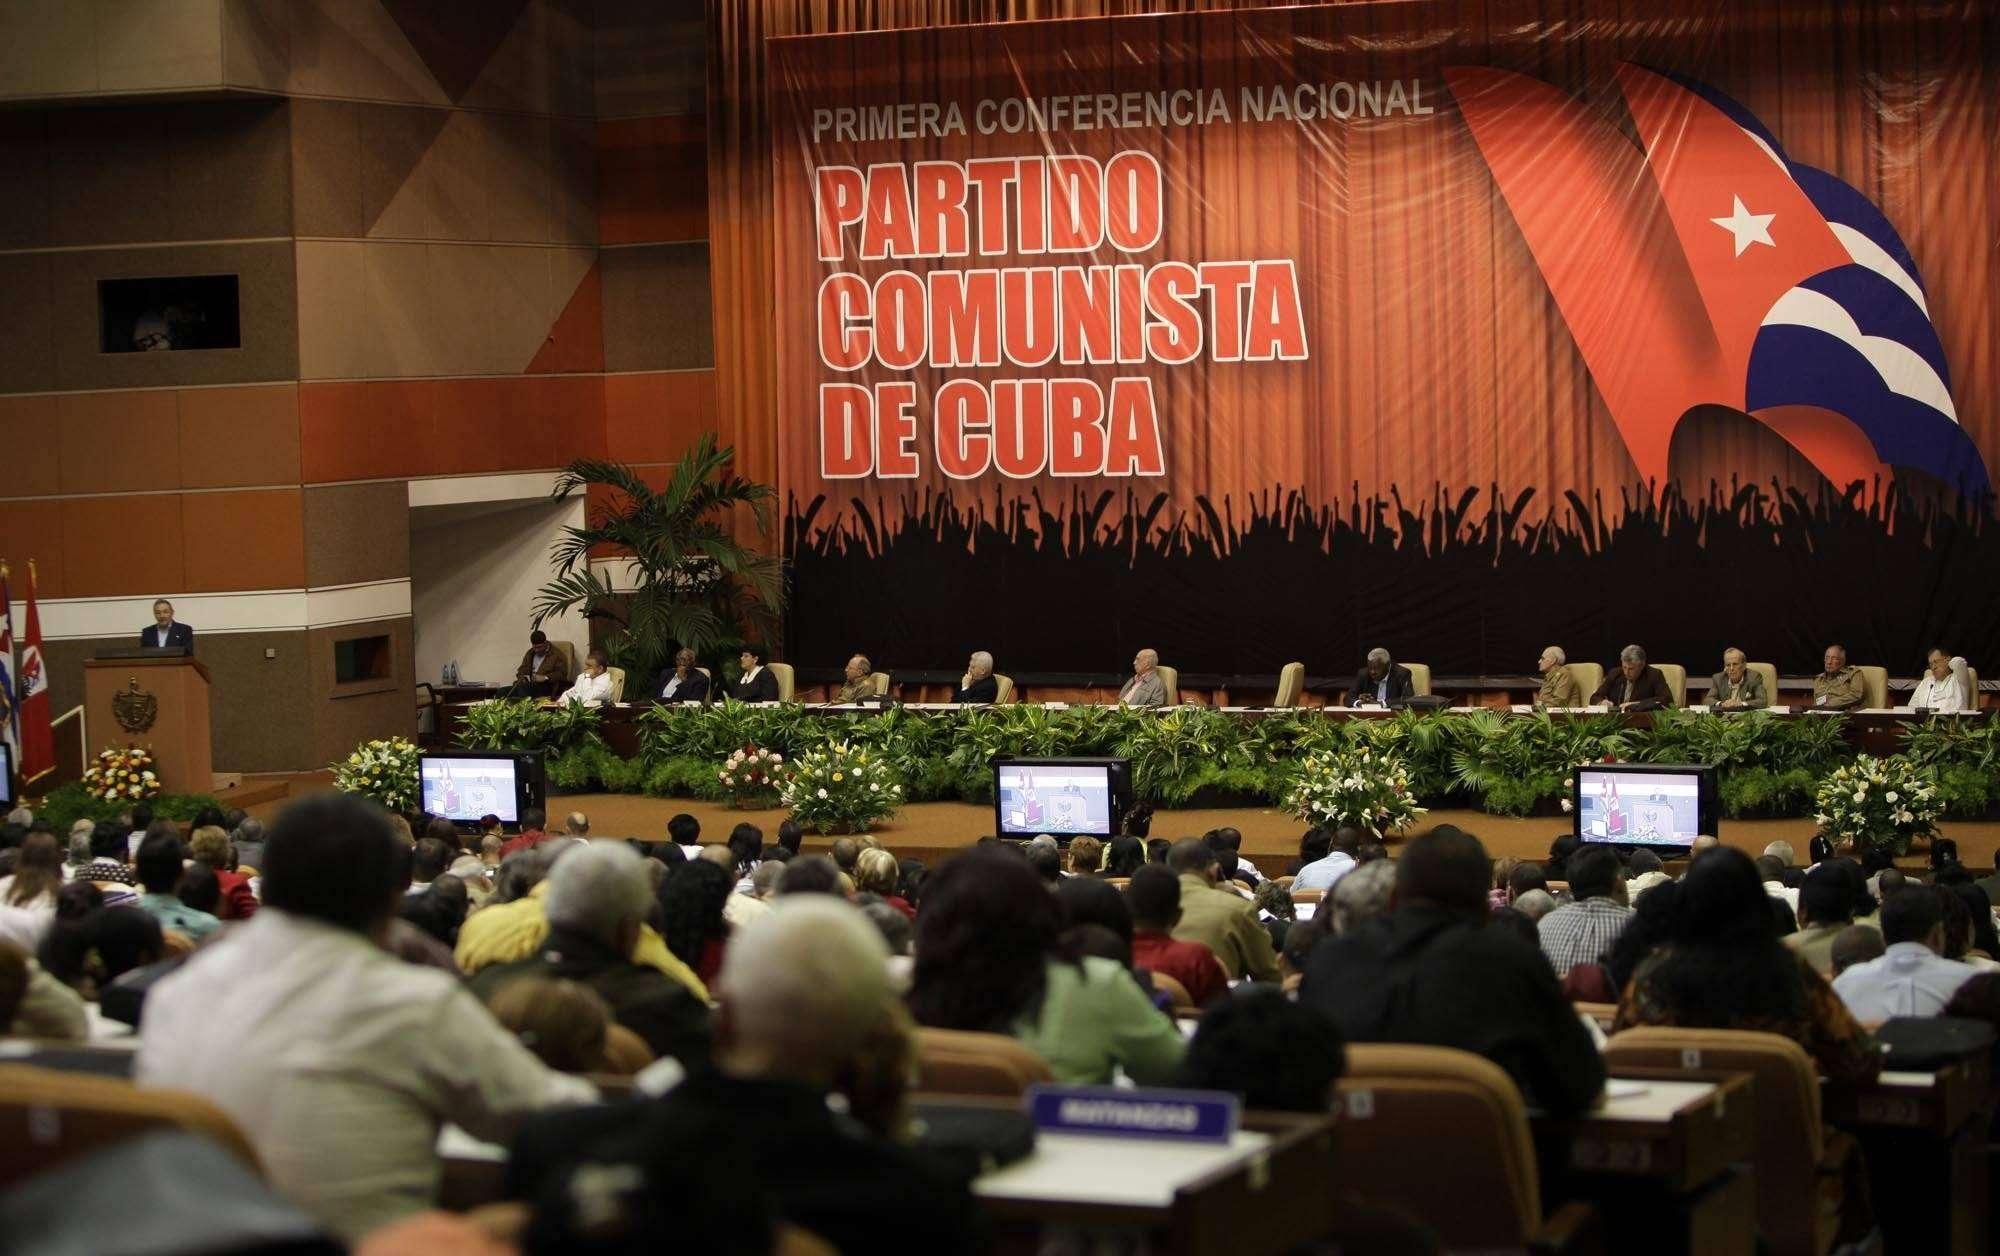 Κομμουνιστικό Κόμμα Κούβας Partido Comunista de Cuba